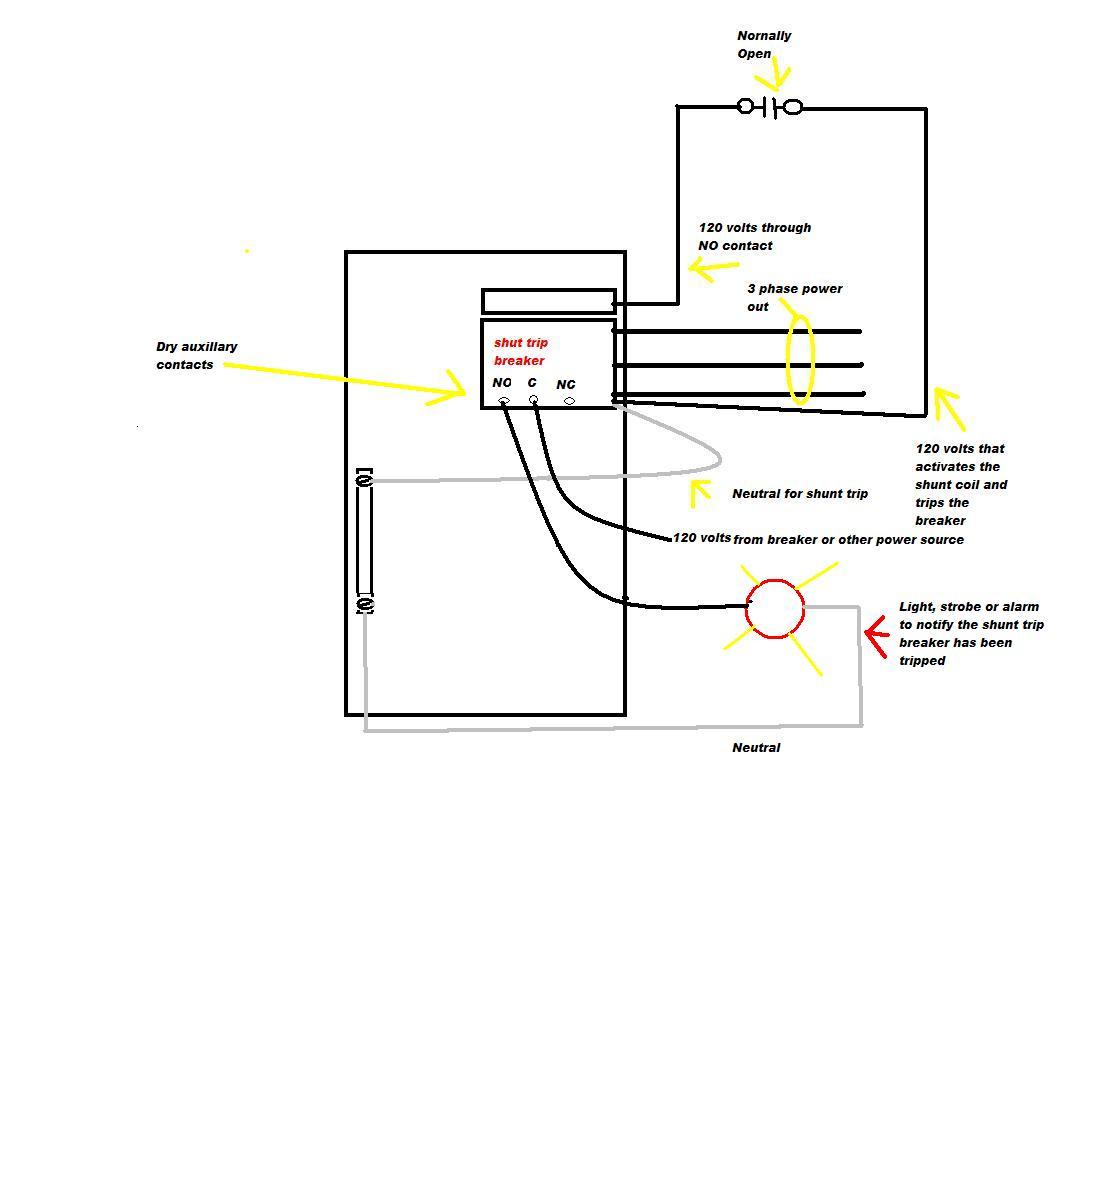 Circuit Breaker Shunt Trip Wiring Diagram Library New | Msyc Switch - Shunt Trip Breaker Wiring Diagram